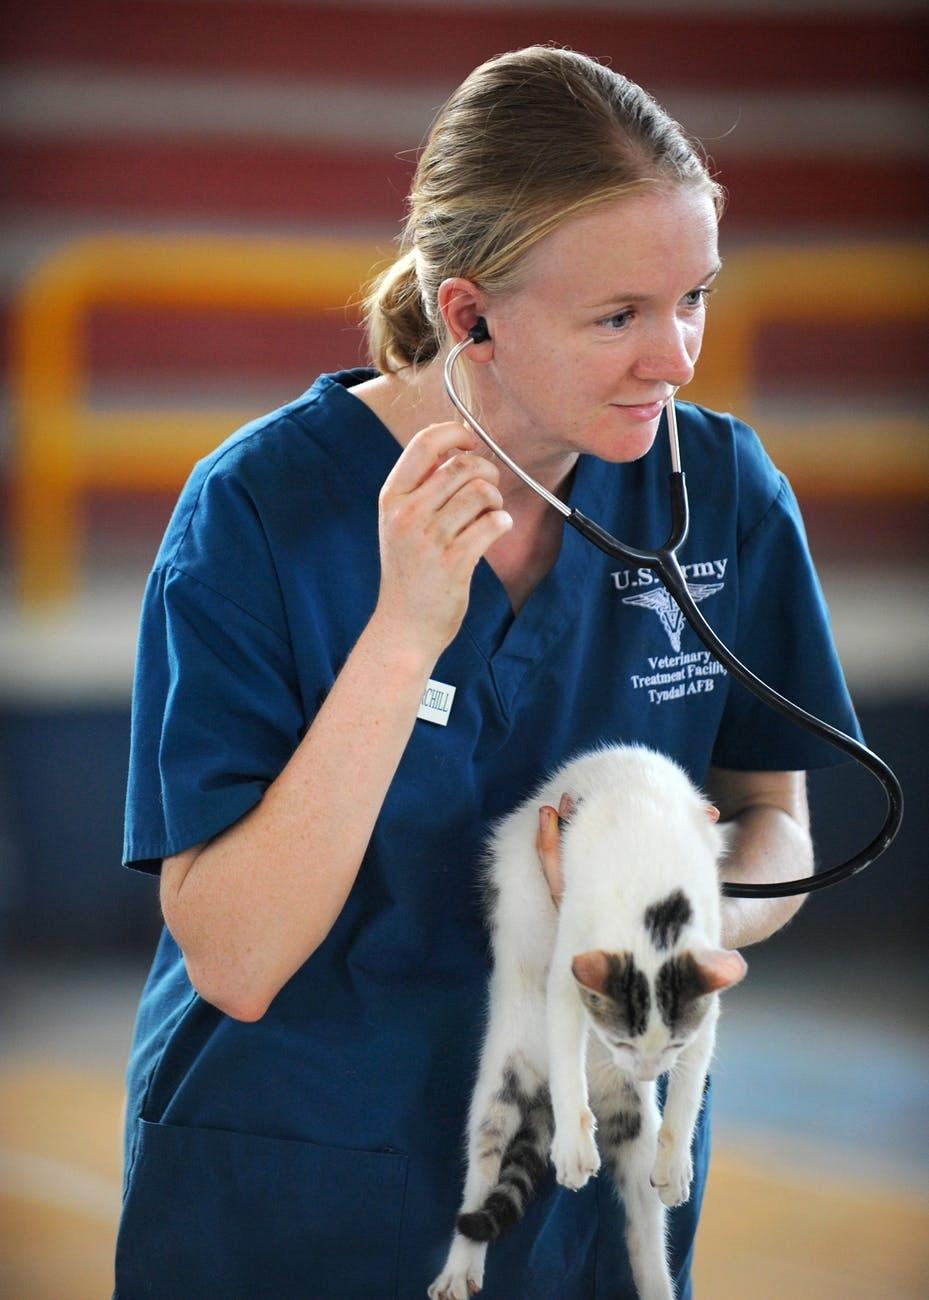 Kucing Diare Dan Mencret Kenali Penyebab Cara Mengatasi